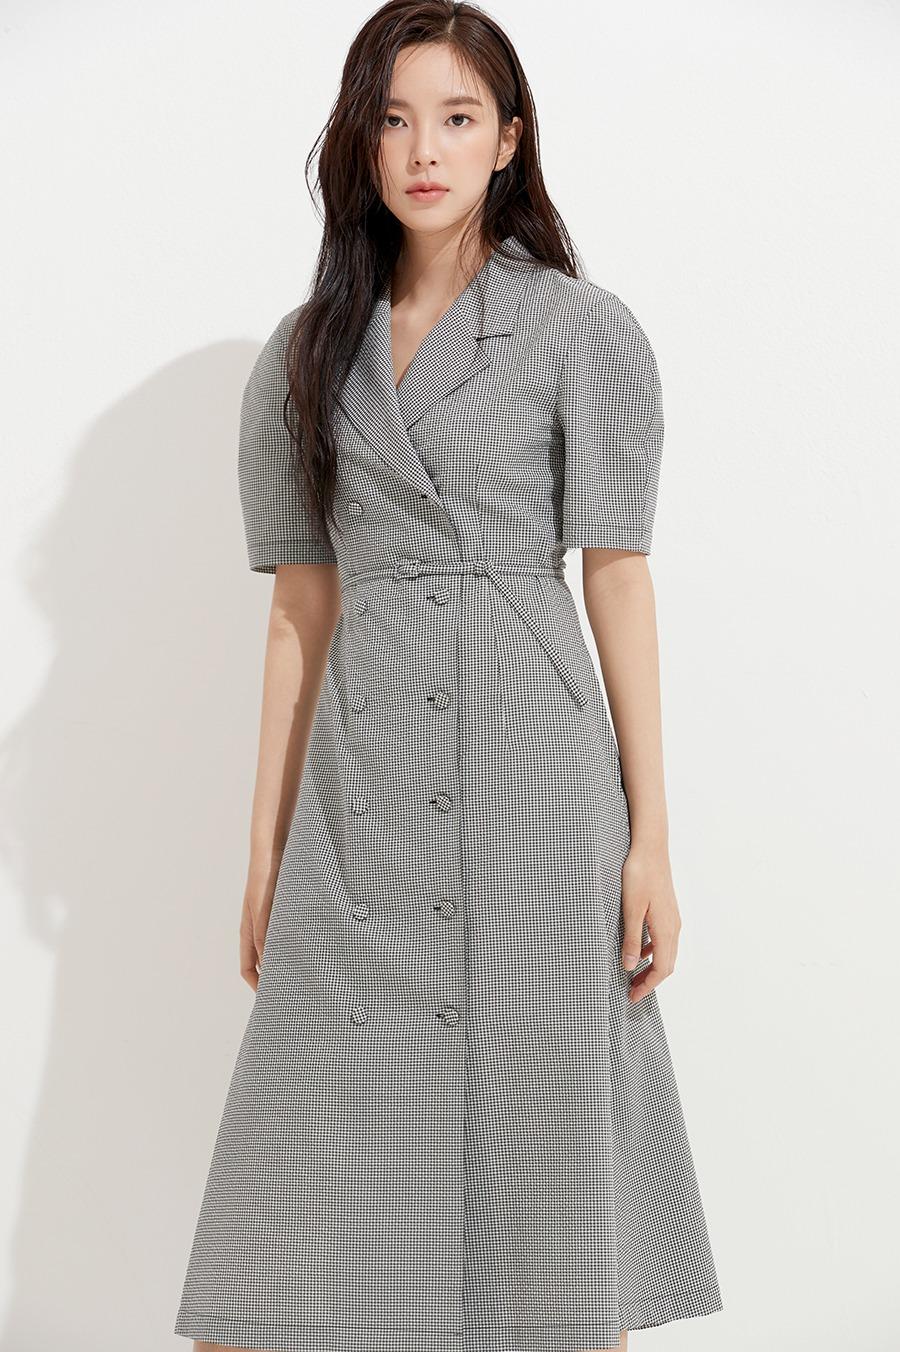 NO.5 DRESS - CHECK